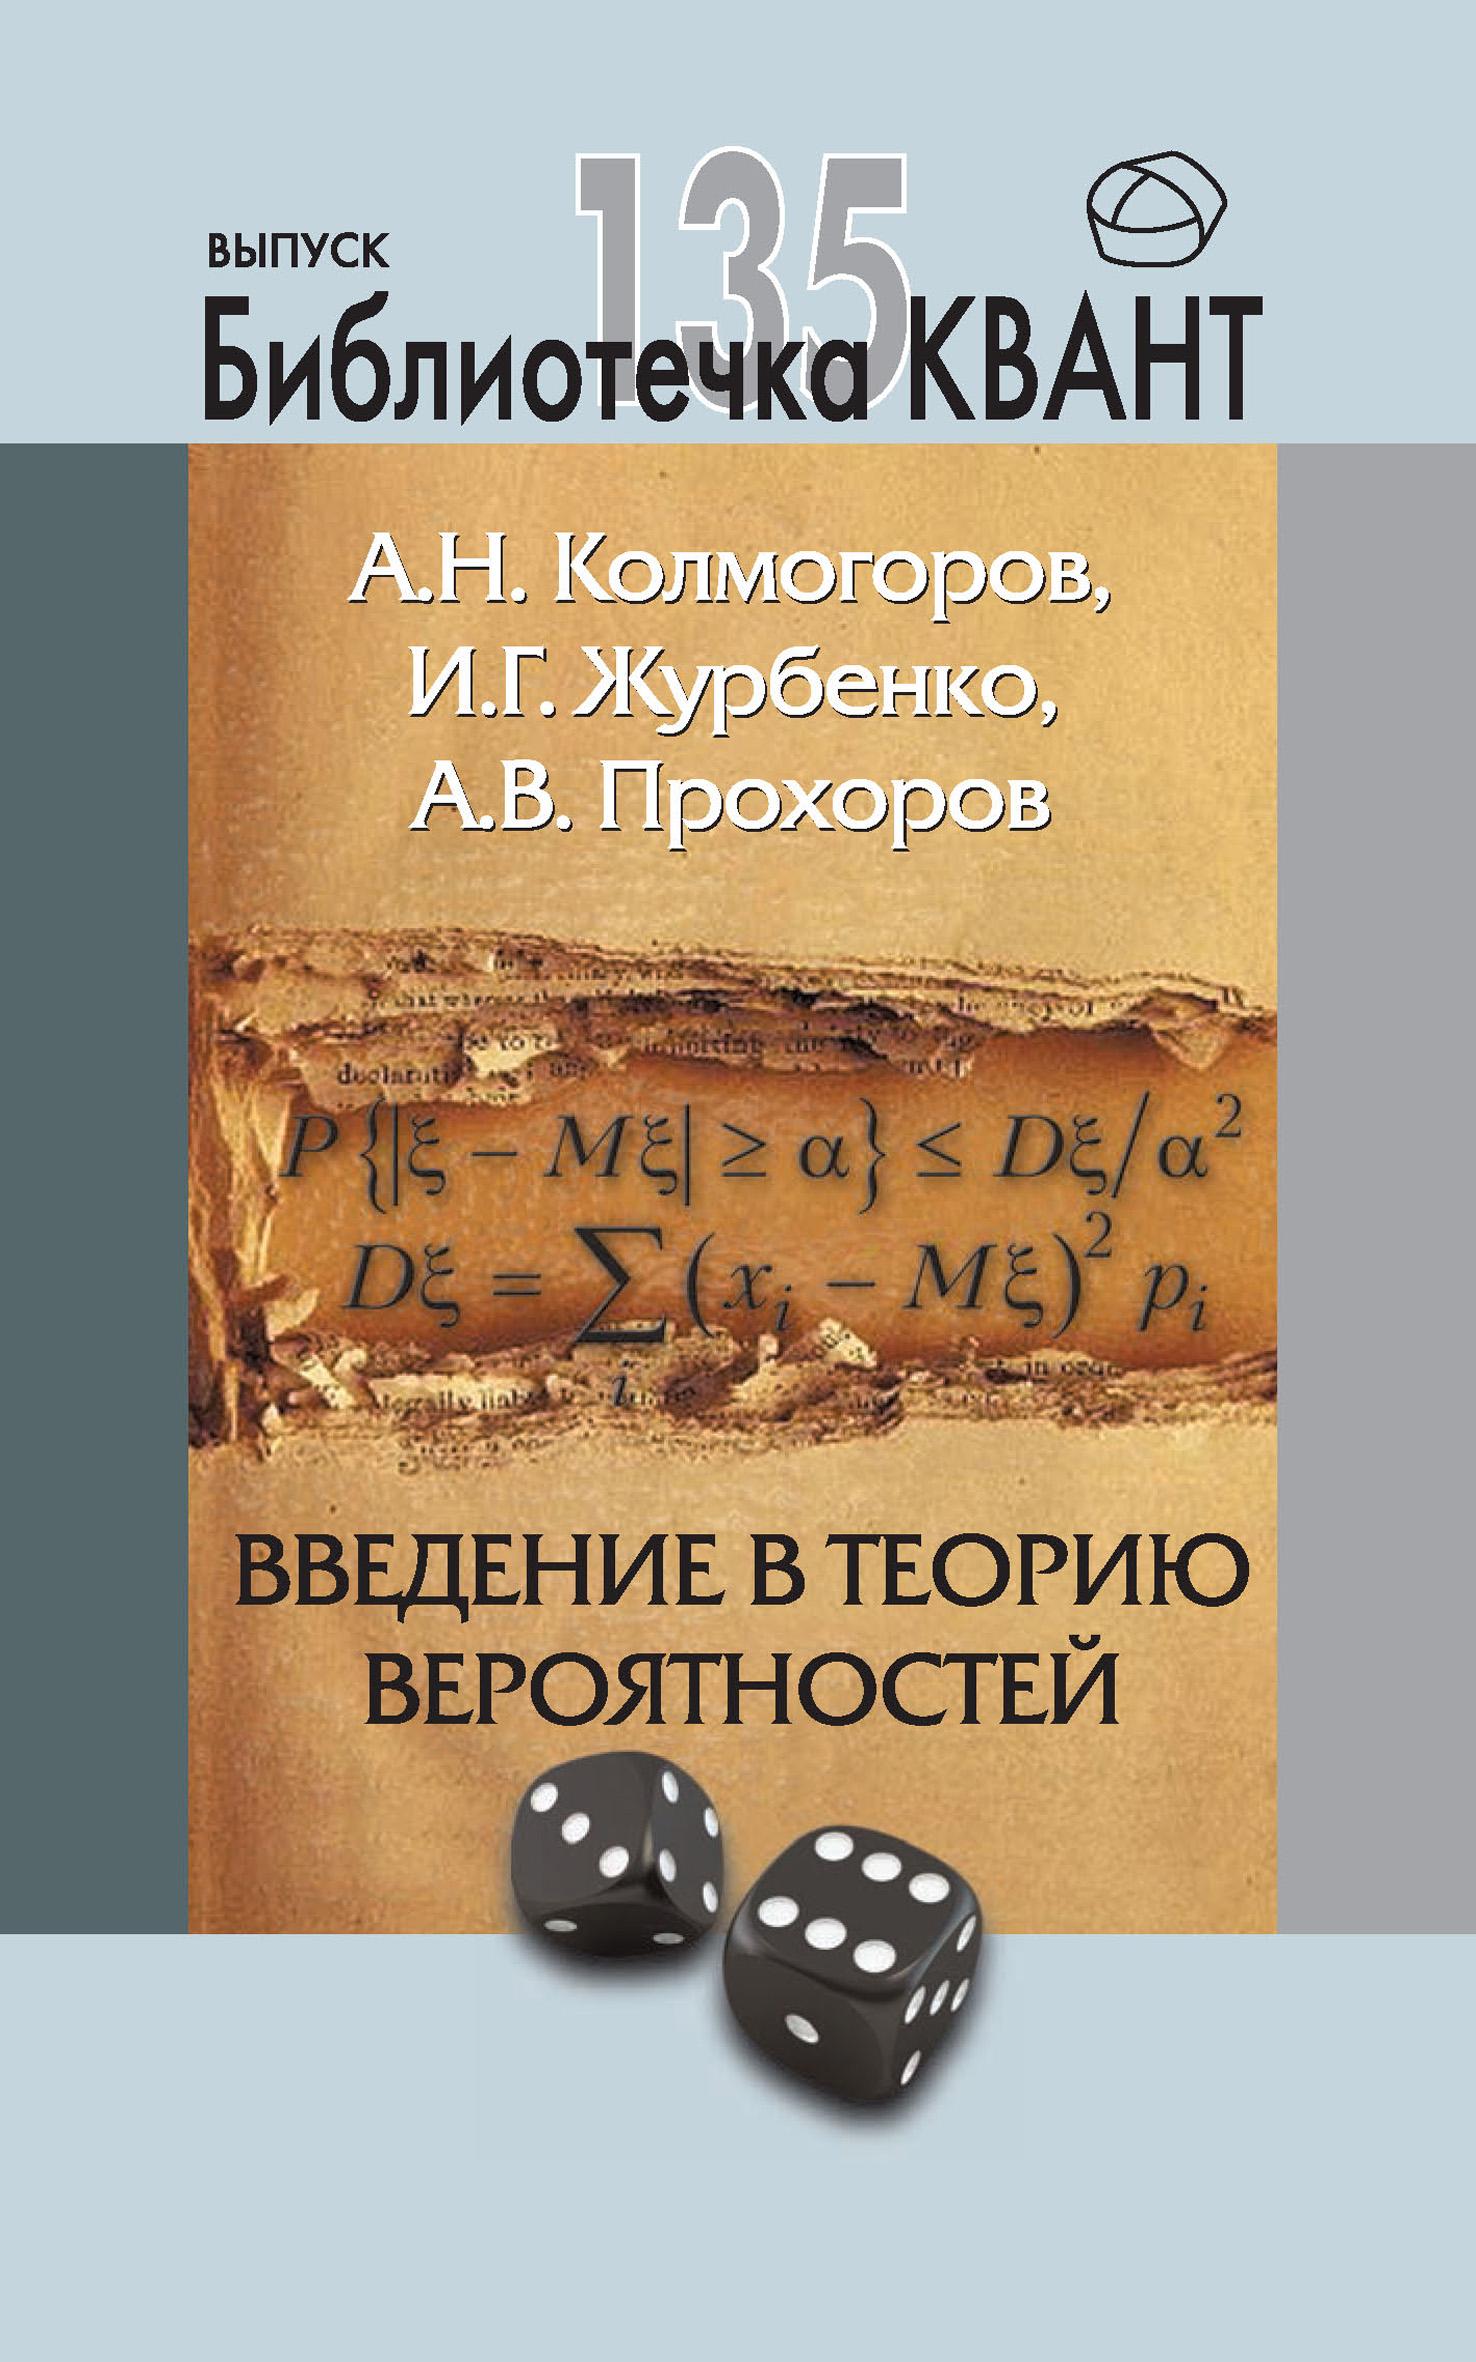 А. Н. Колмогоров Введение в теорию вероятностей. Приложение к журналу «Квант» №4/2015 б гнеденко а хинчин элементарное введение в теорию вероятностей